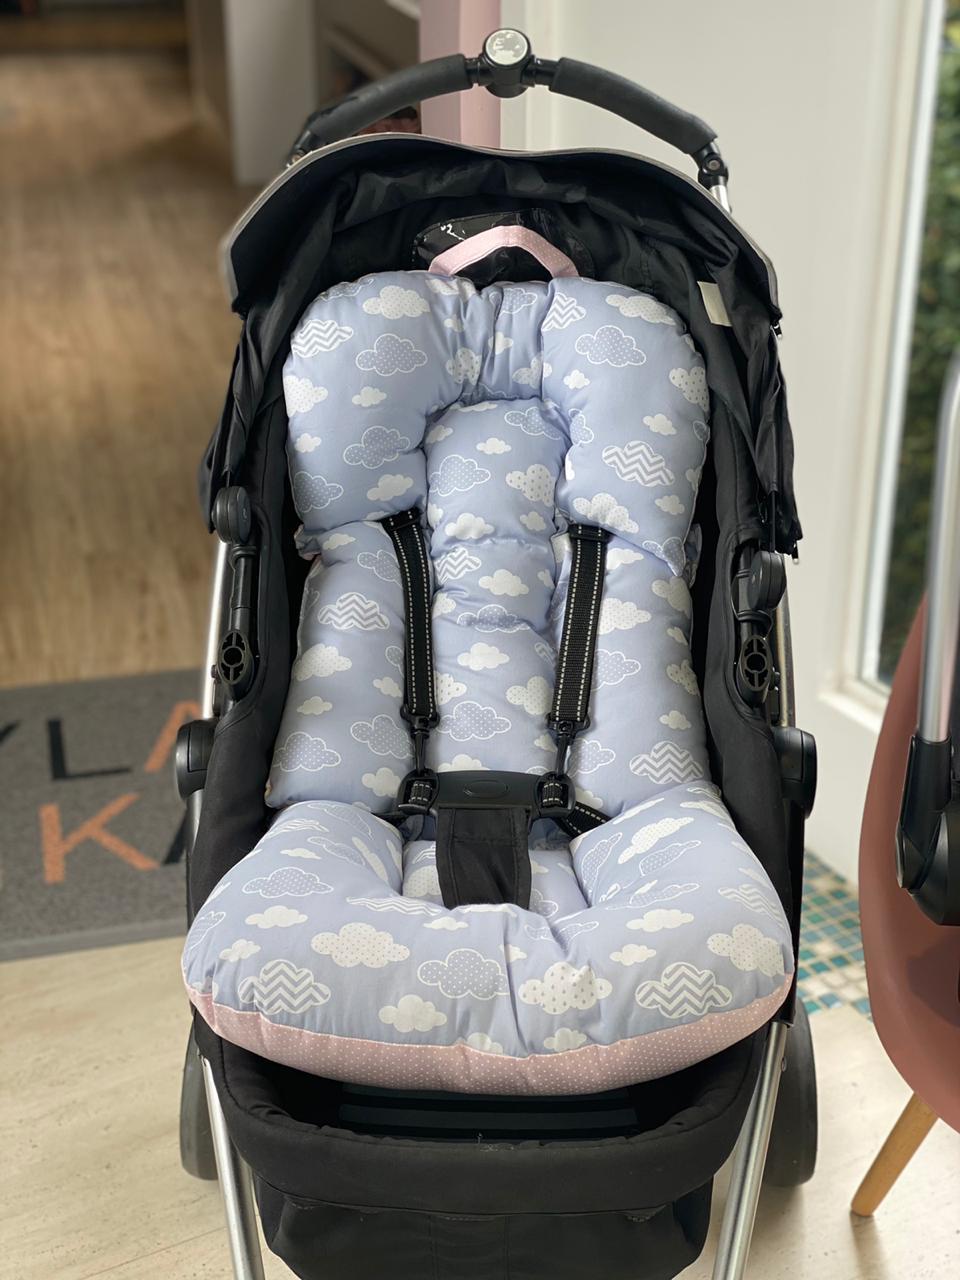 Kit Colchão Carrinho e Bebê Conforto Nuvem Decorada Poá Rosa